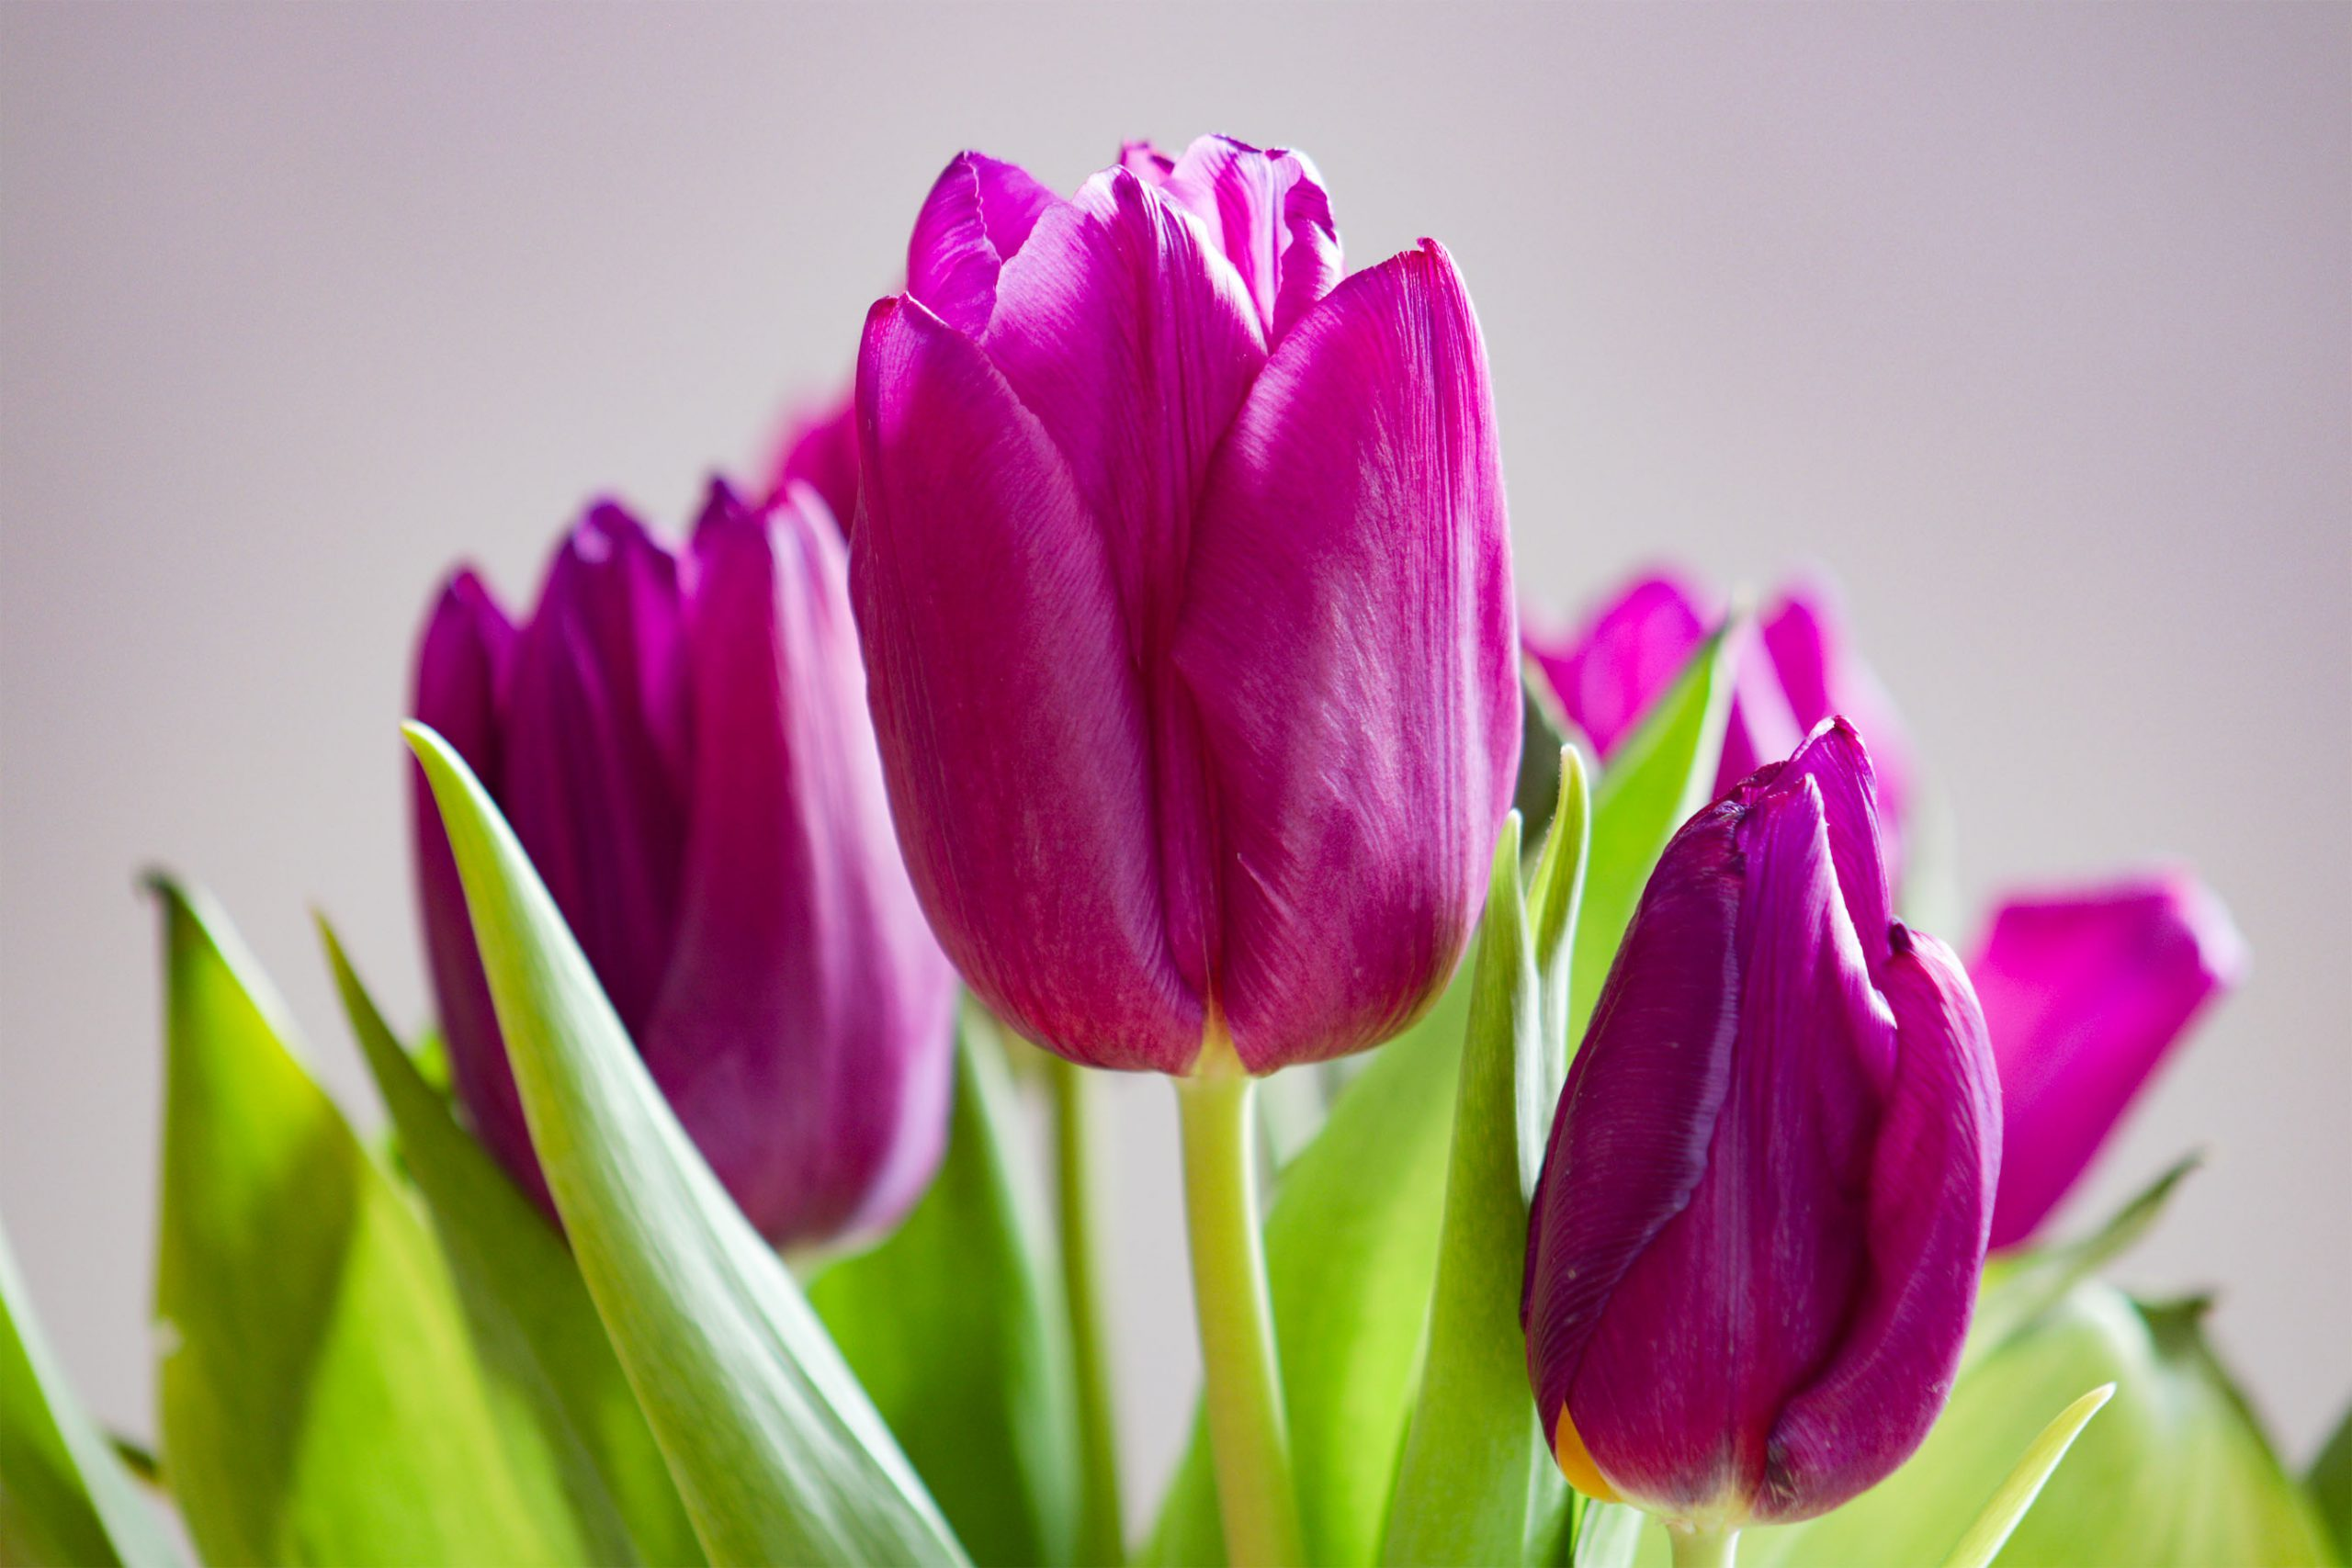 fotograf warszawa kwiaty zdjęcia